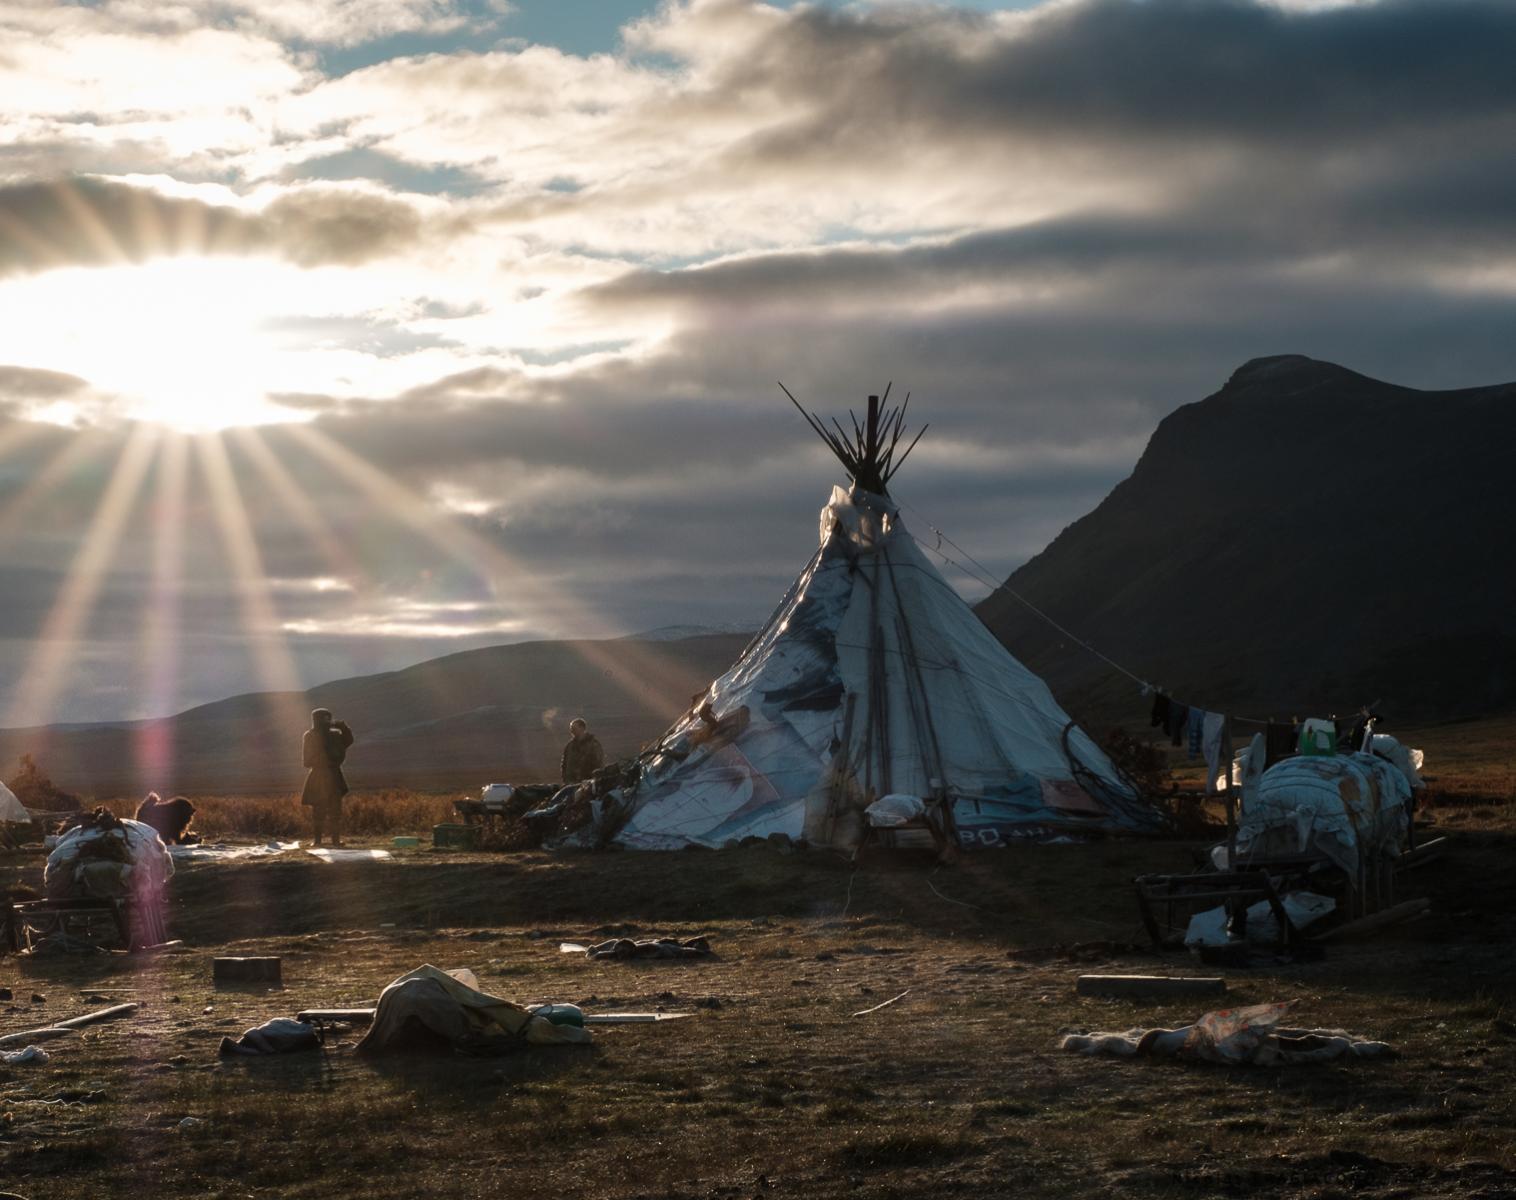 Russie  Immersion chez les nomades de Sibérie   Découverte Photo Rencontres et cultures du Monde